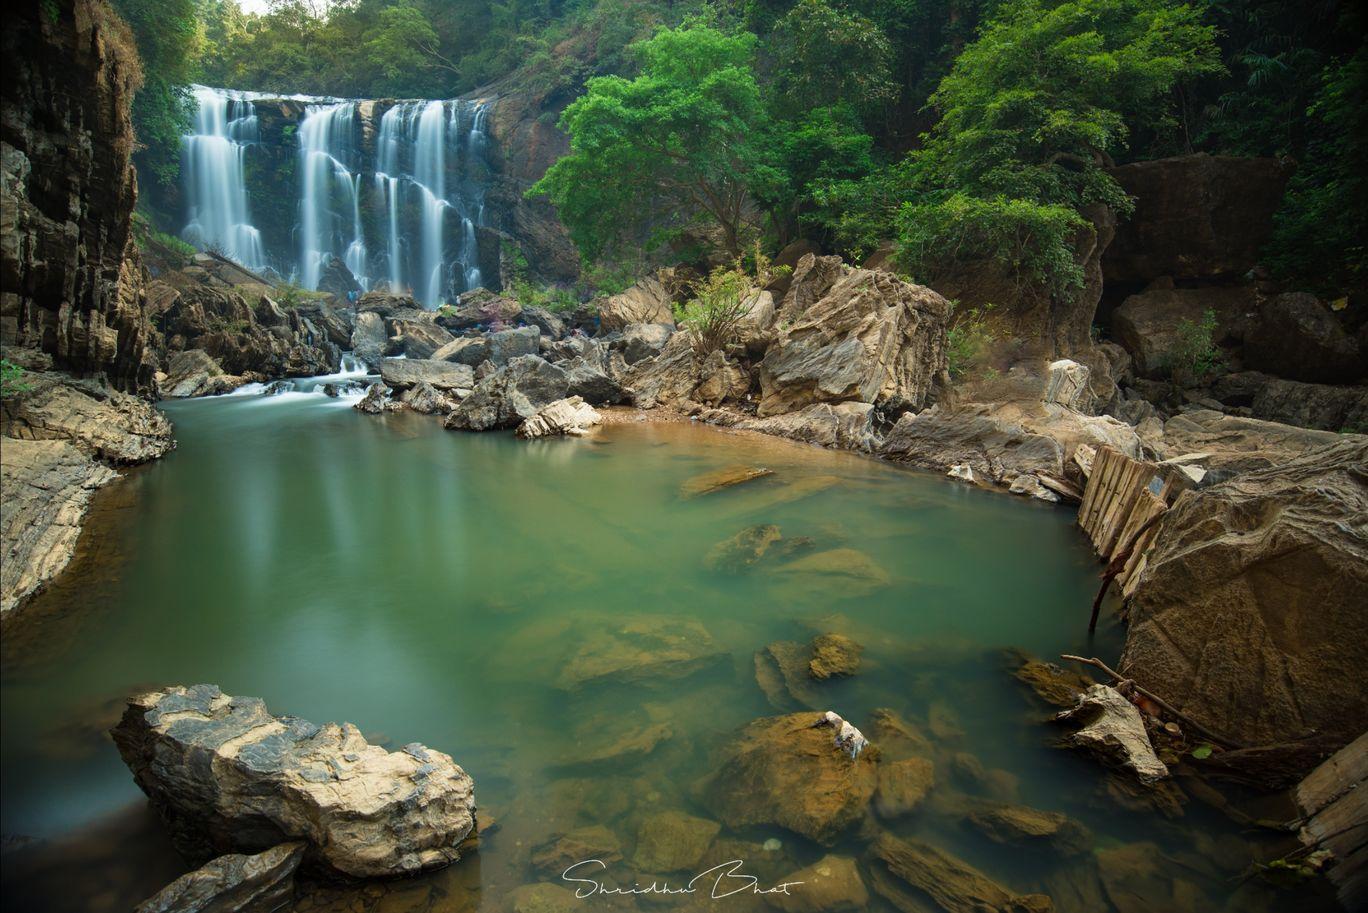 Photo of Sathodi Falls By Shridhu Bhat